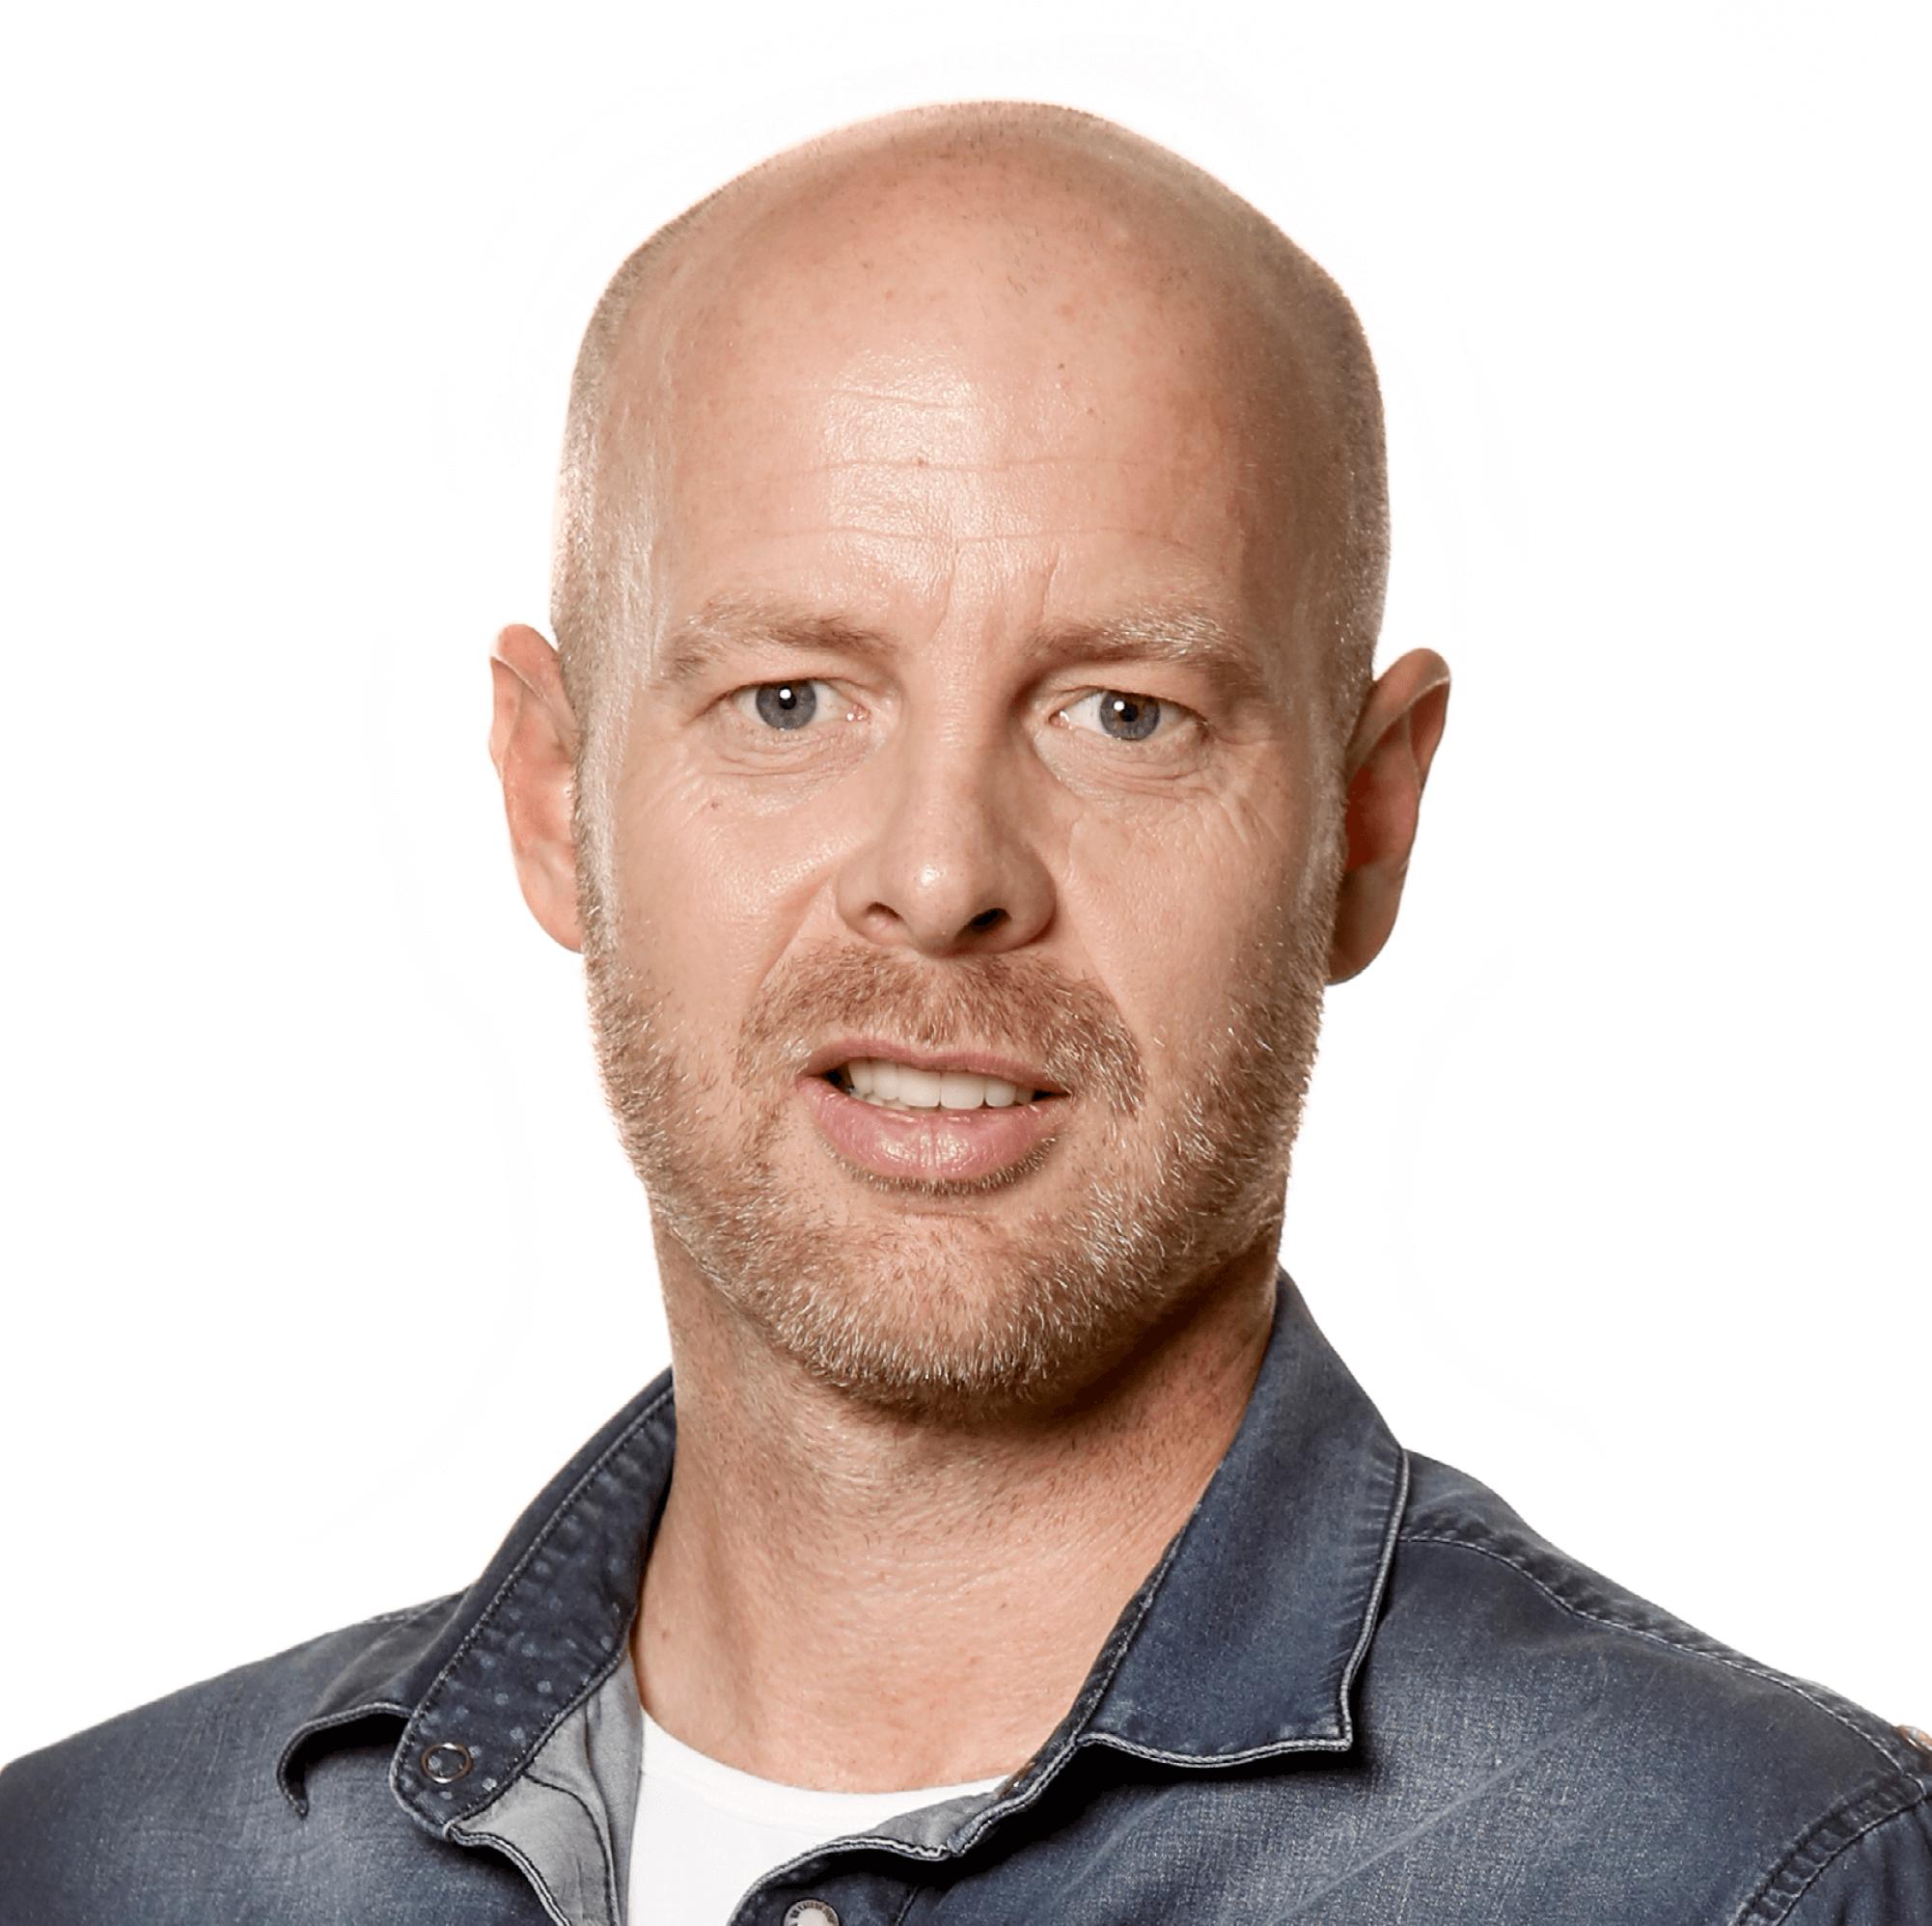 Marco Smeenk